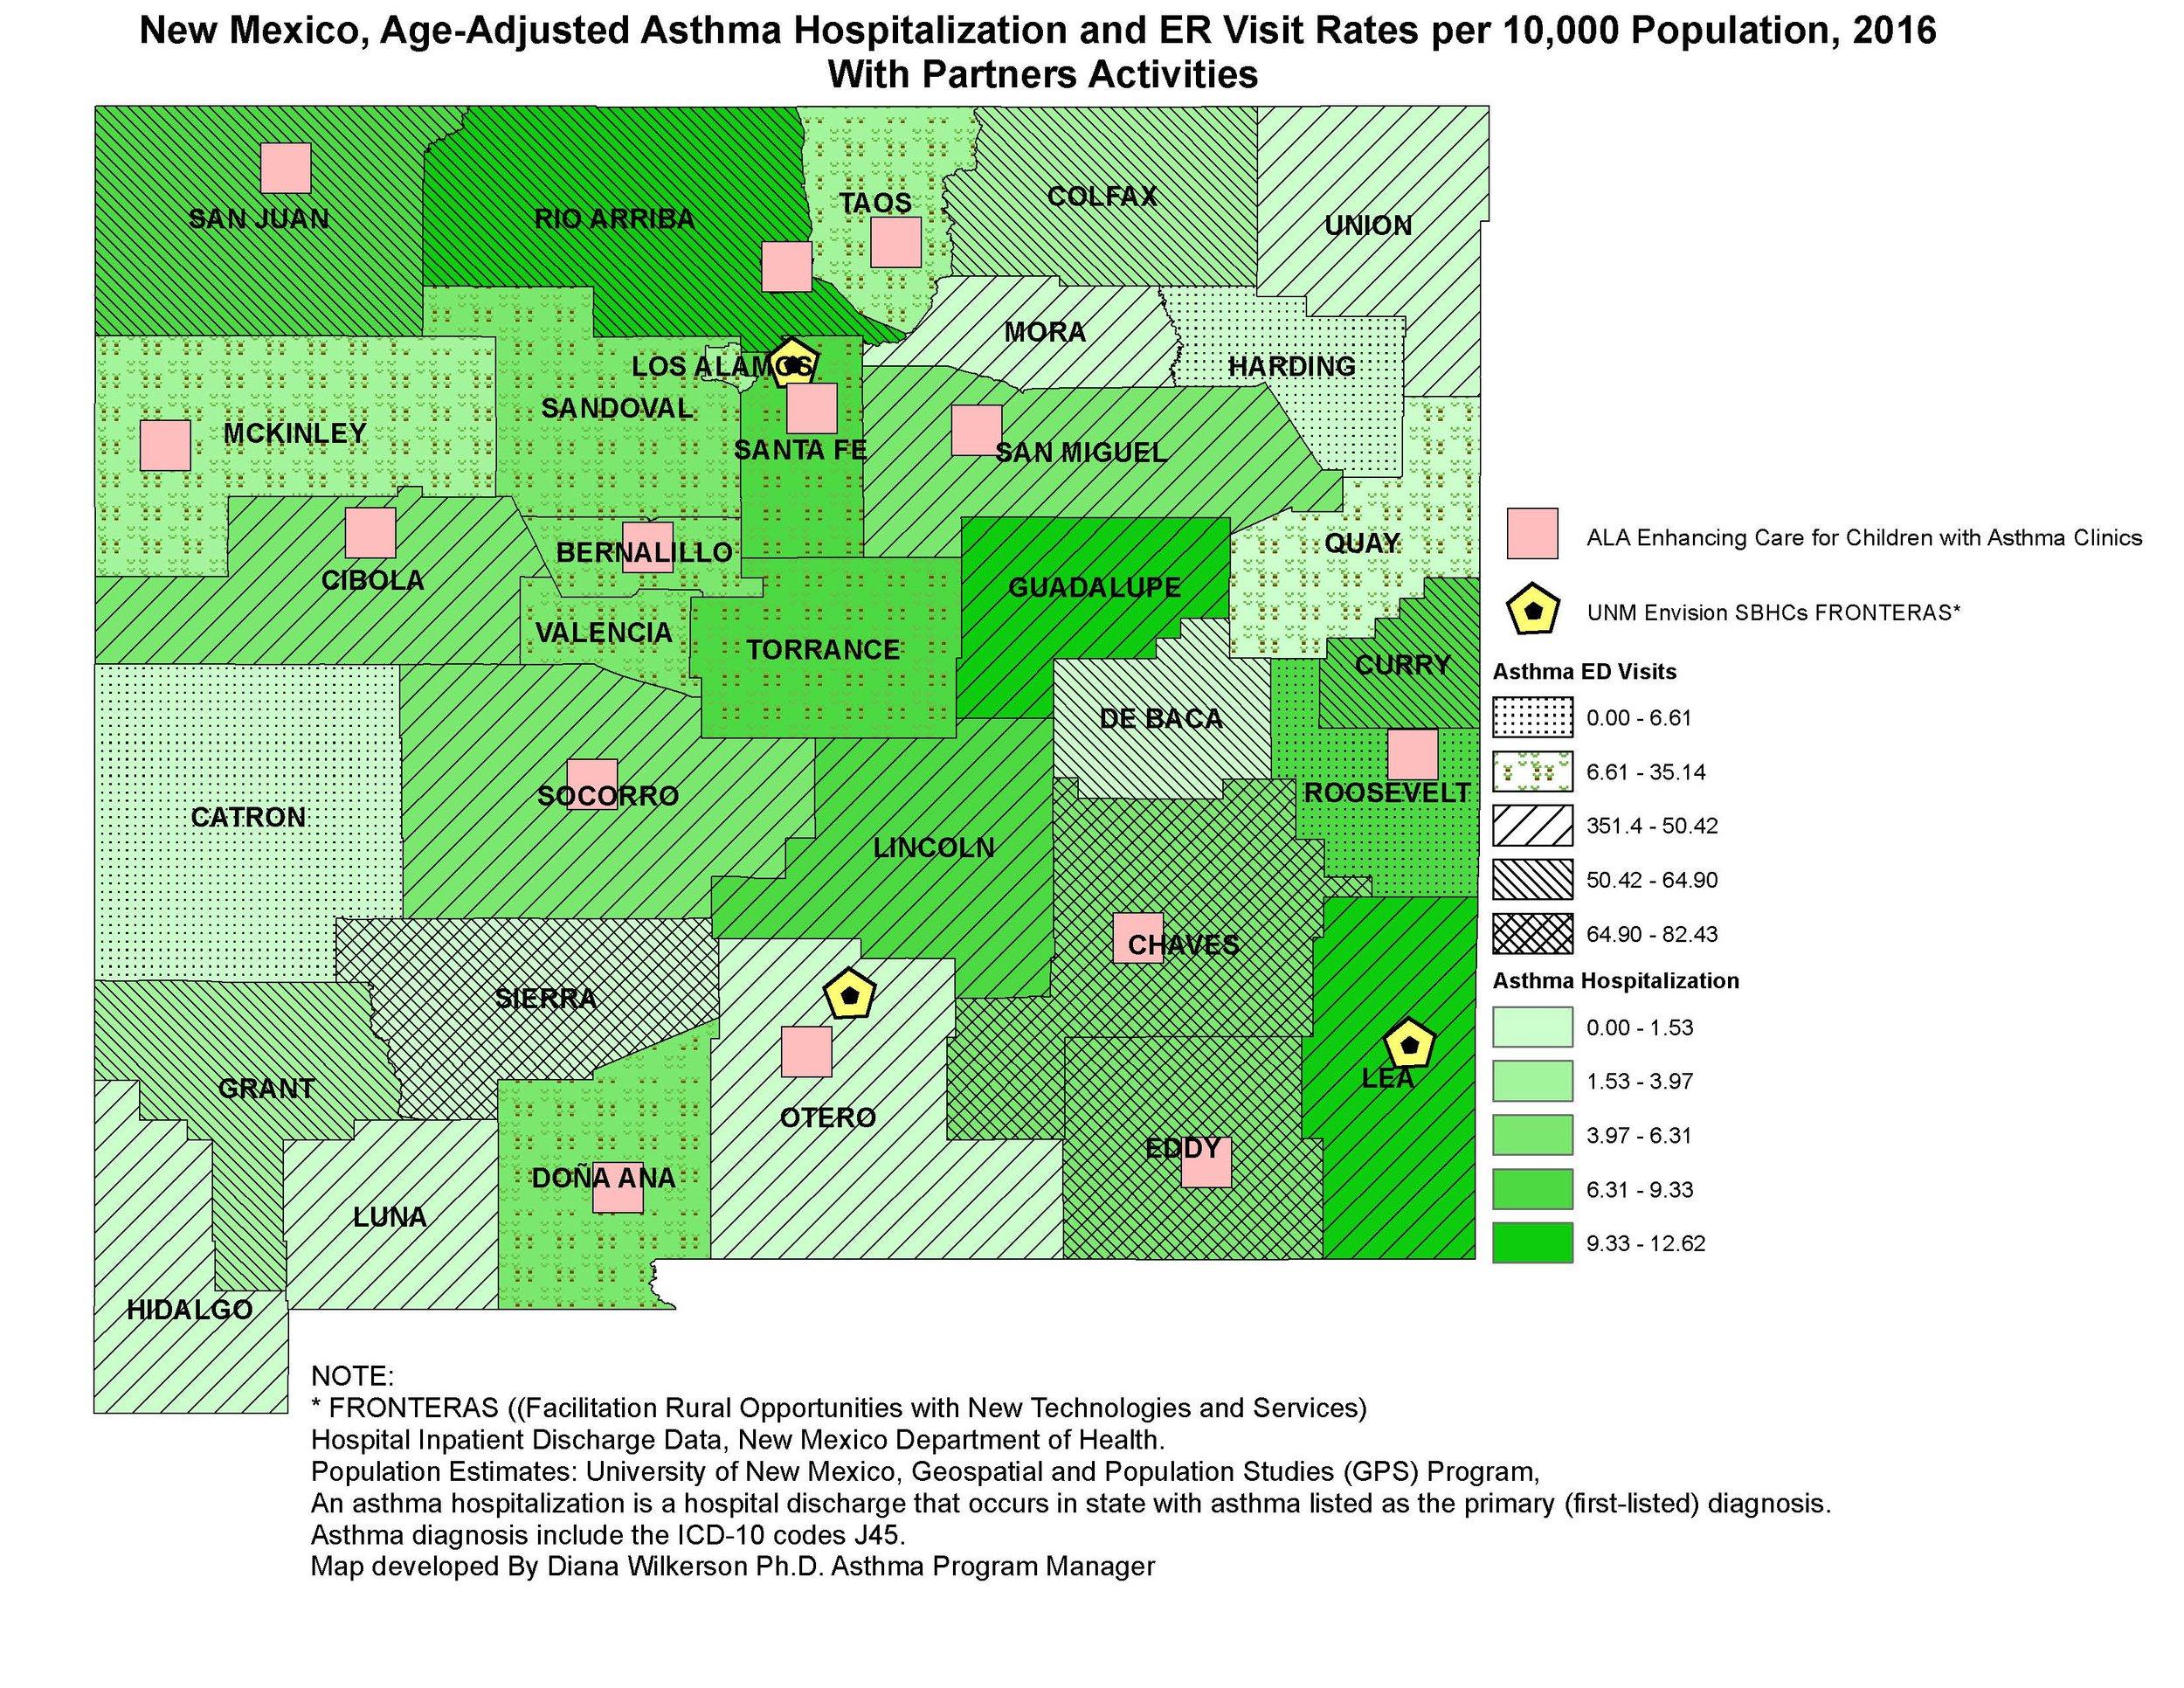 Burden_Map_Asthma_Partners_Activities.jpg